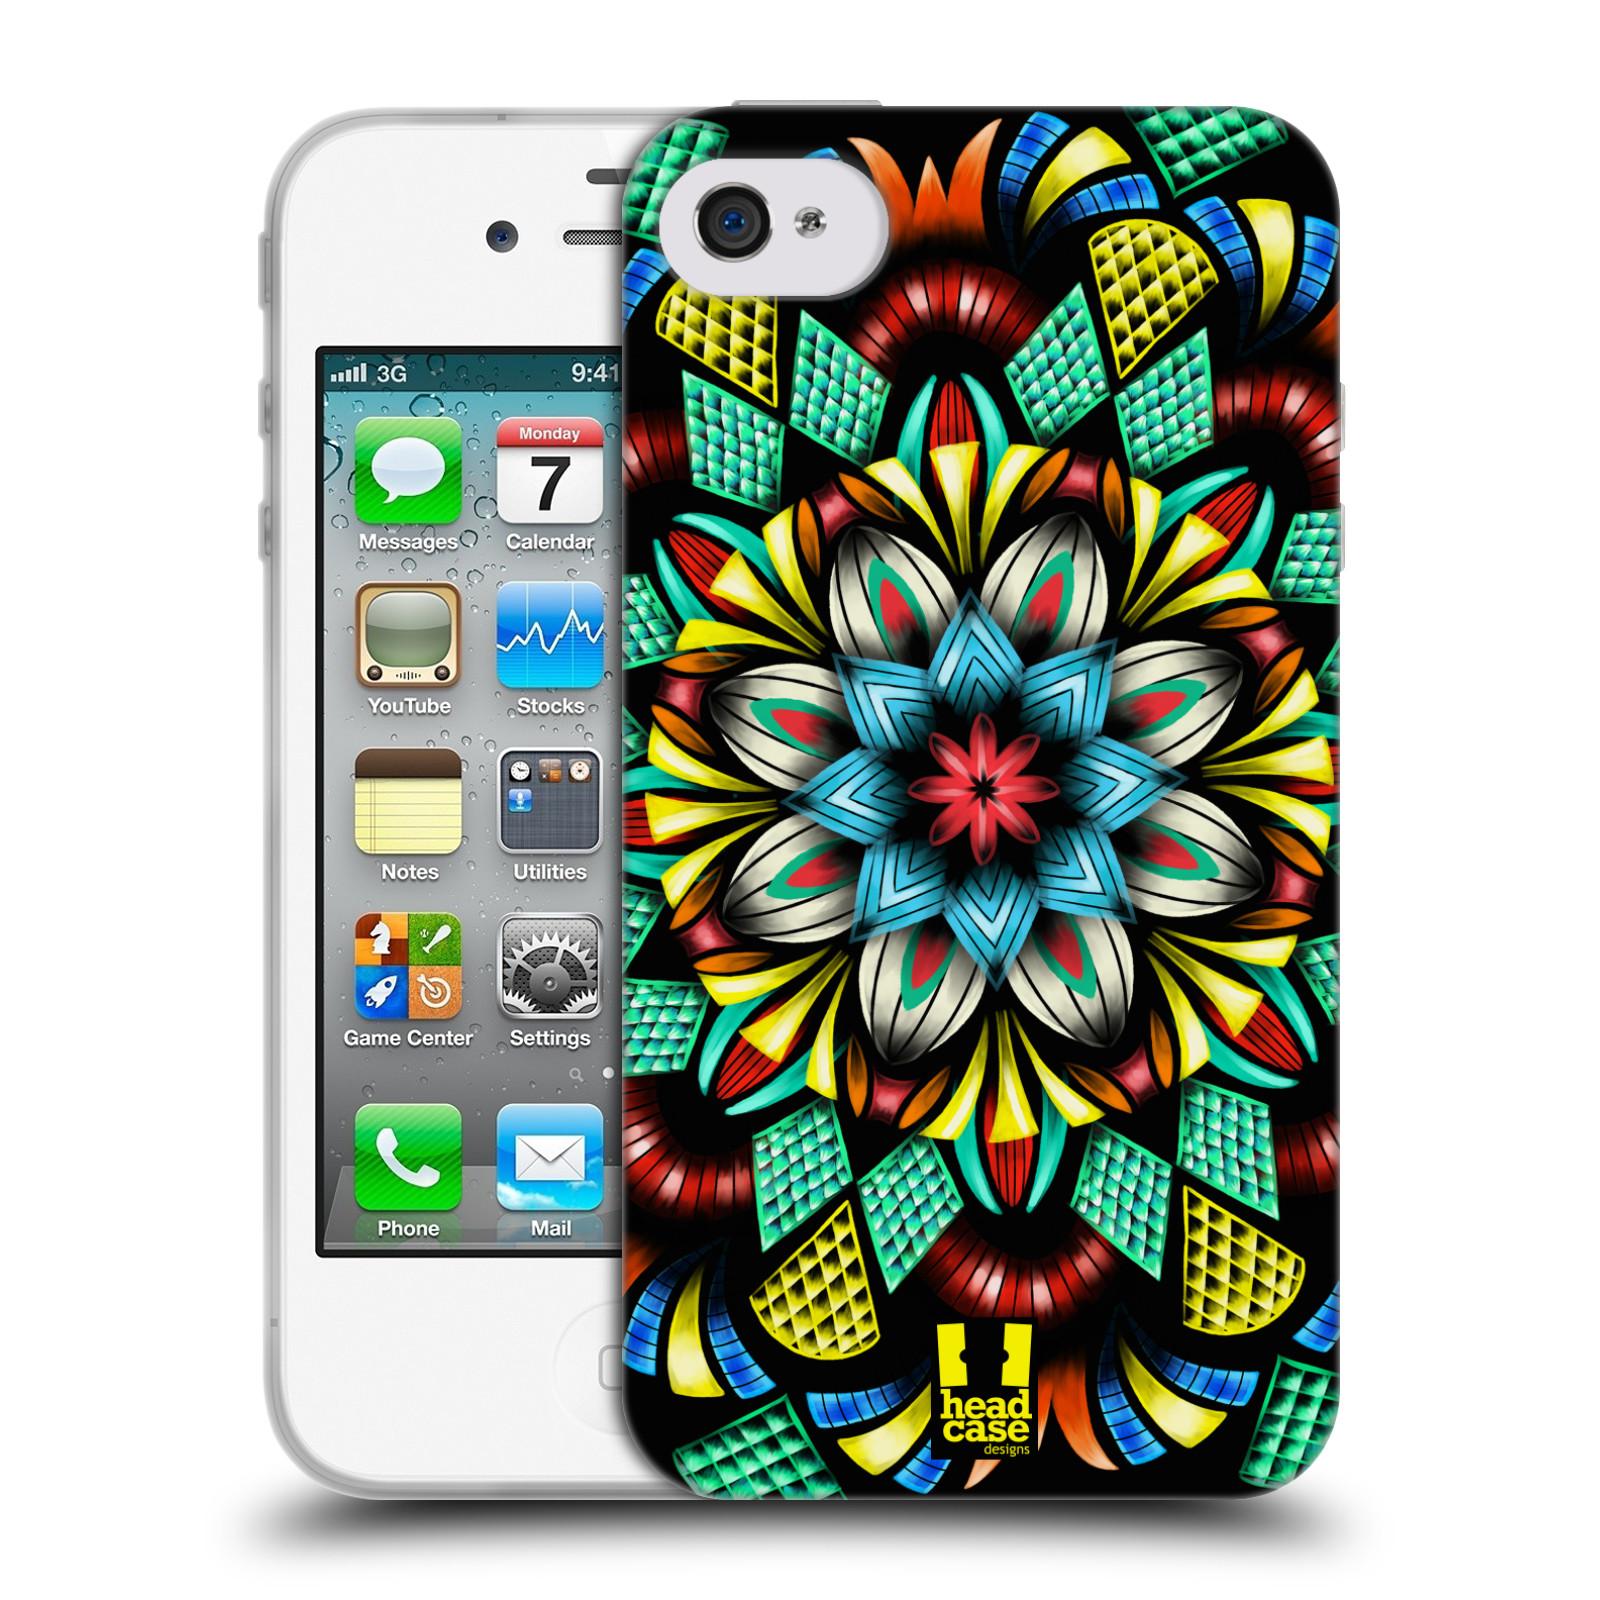 HEAD CASE silikonový obal na mobil Apple Iphone 4/4S vzor Indie Mandala kaleidoskop barevný vzor TRADIČNÍ